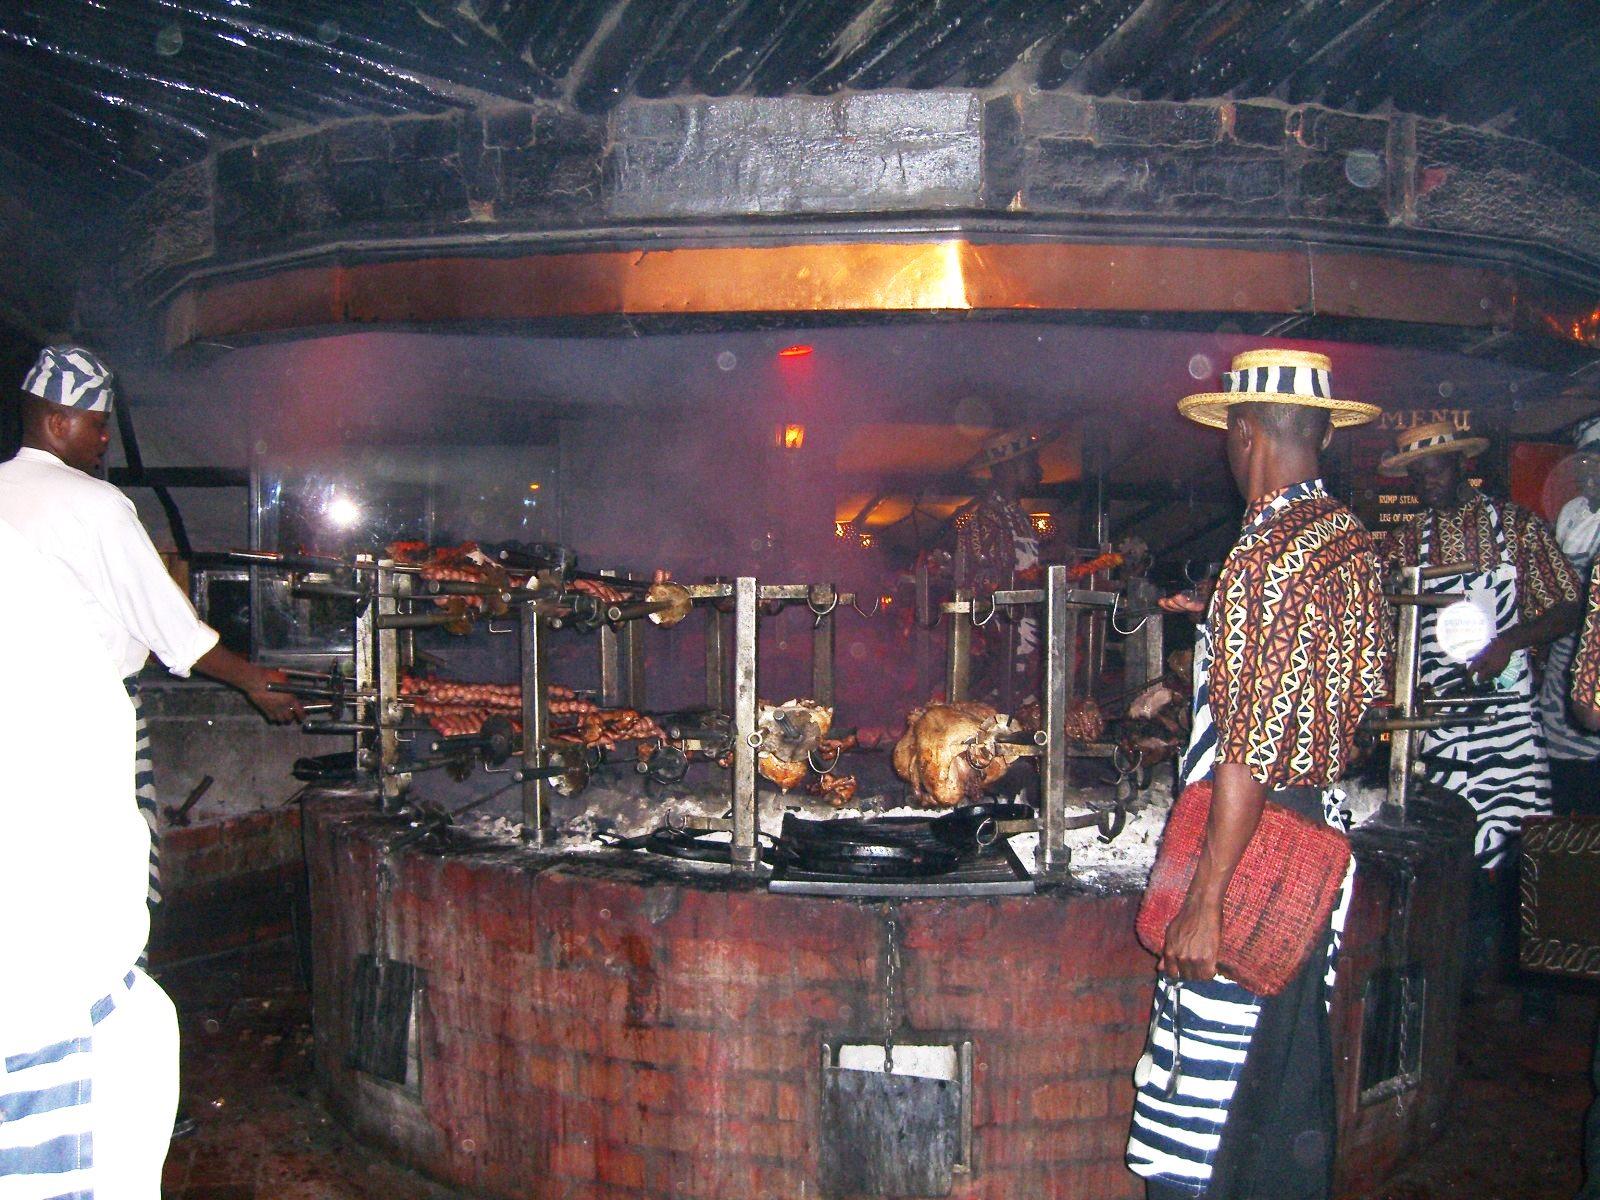 Meat_roasting_at_Carnivore_restaurant_in_Nairobi